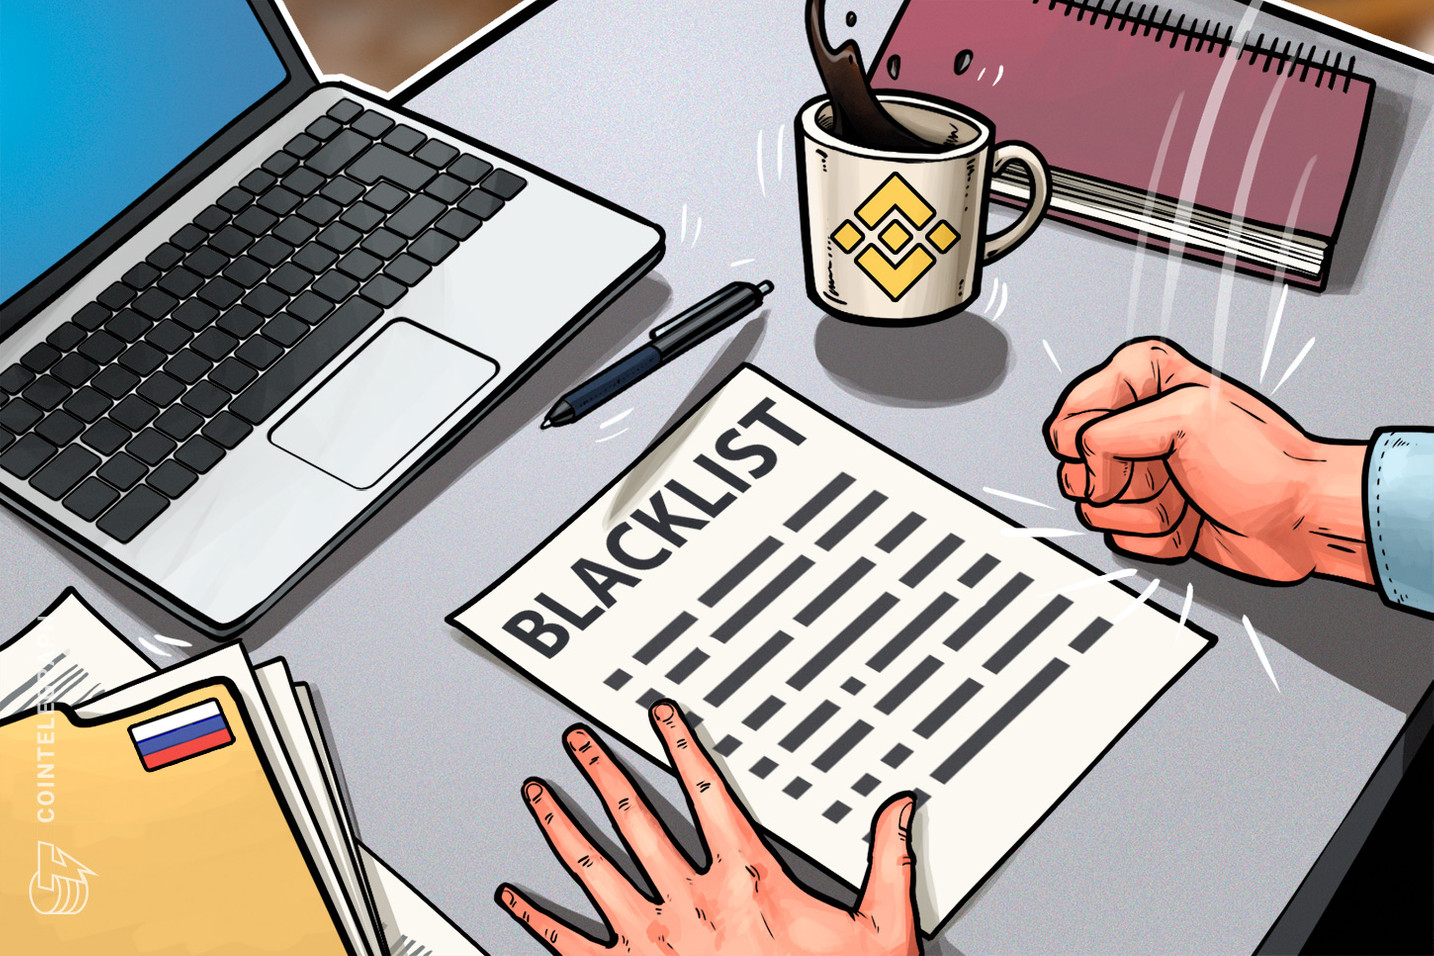 La Russia aggiunge Binance alla lista dei siti web vietati